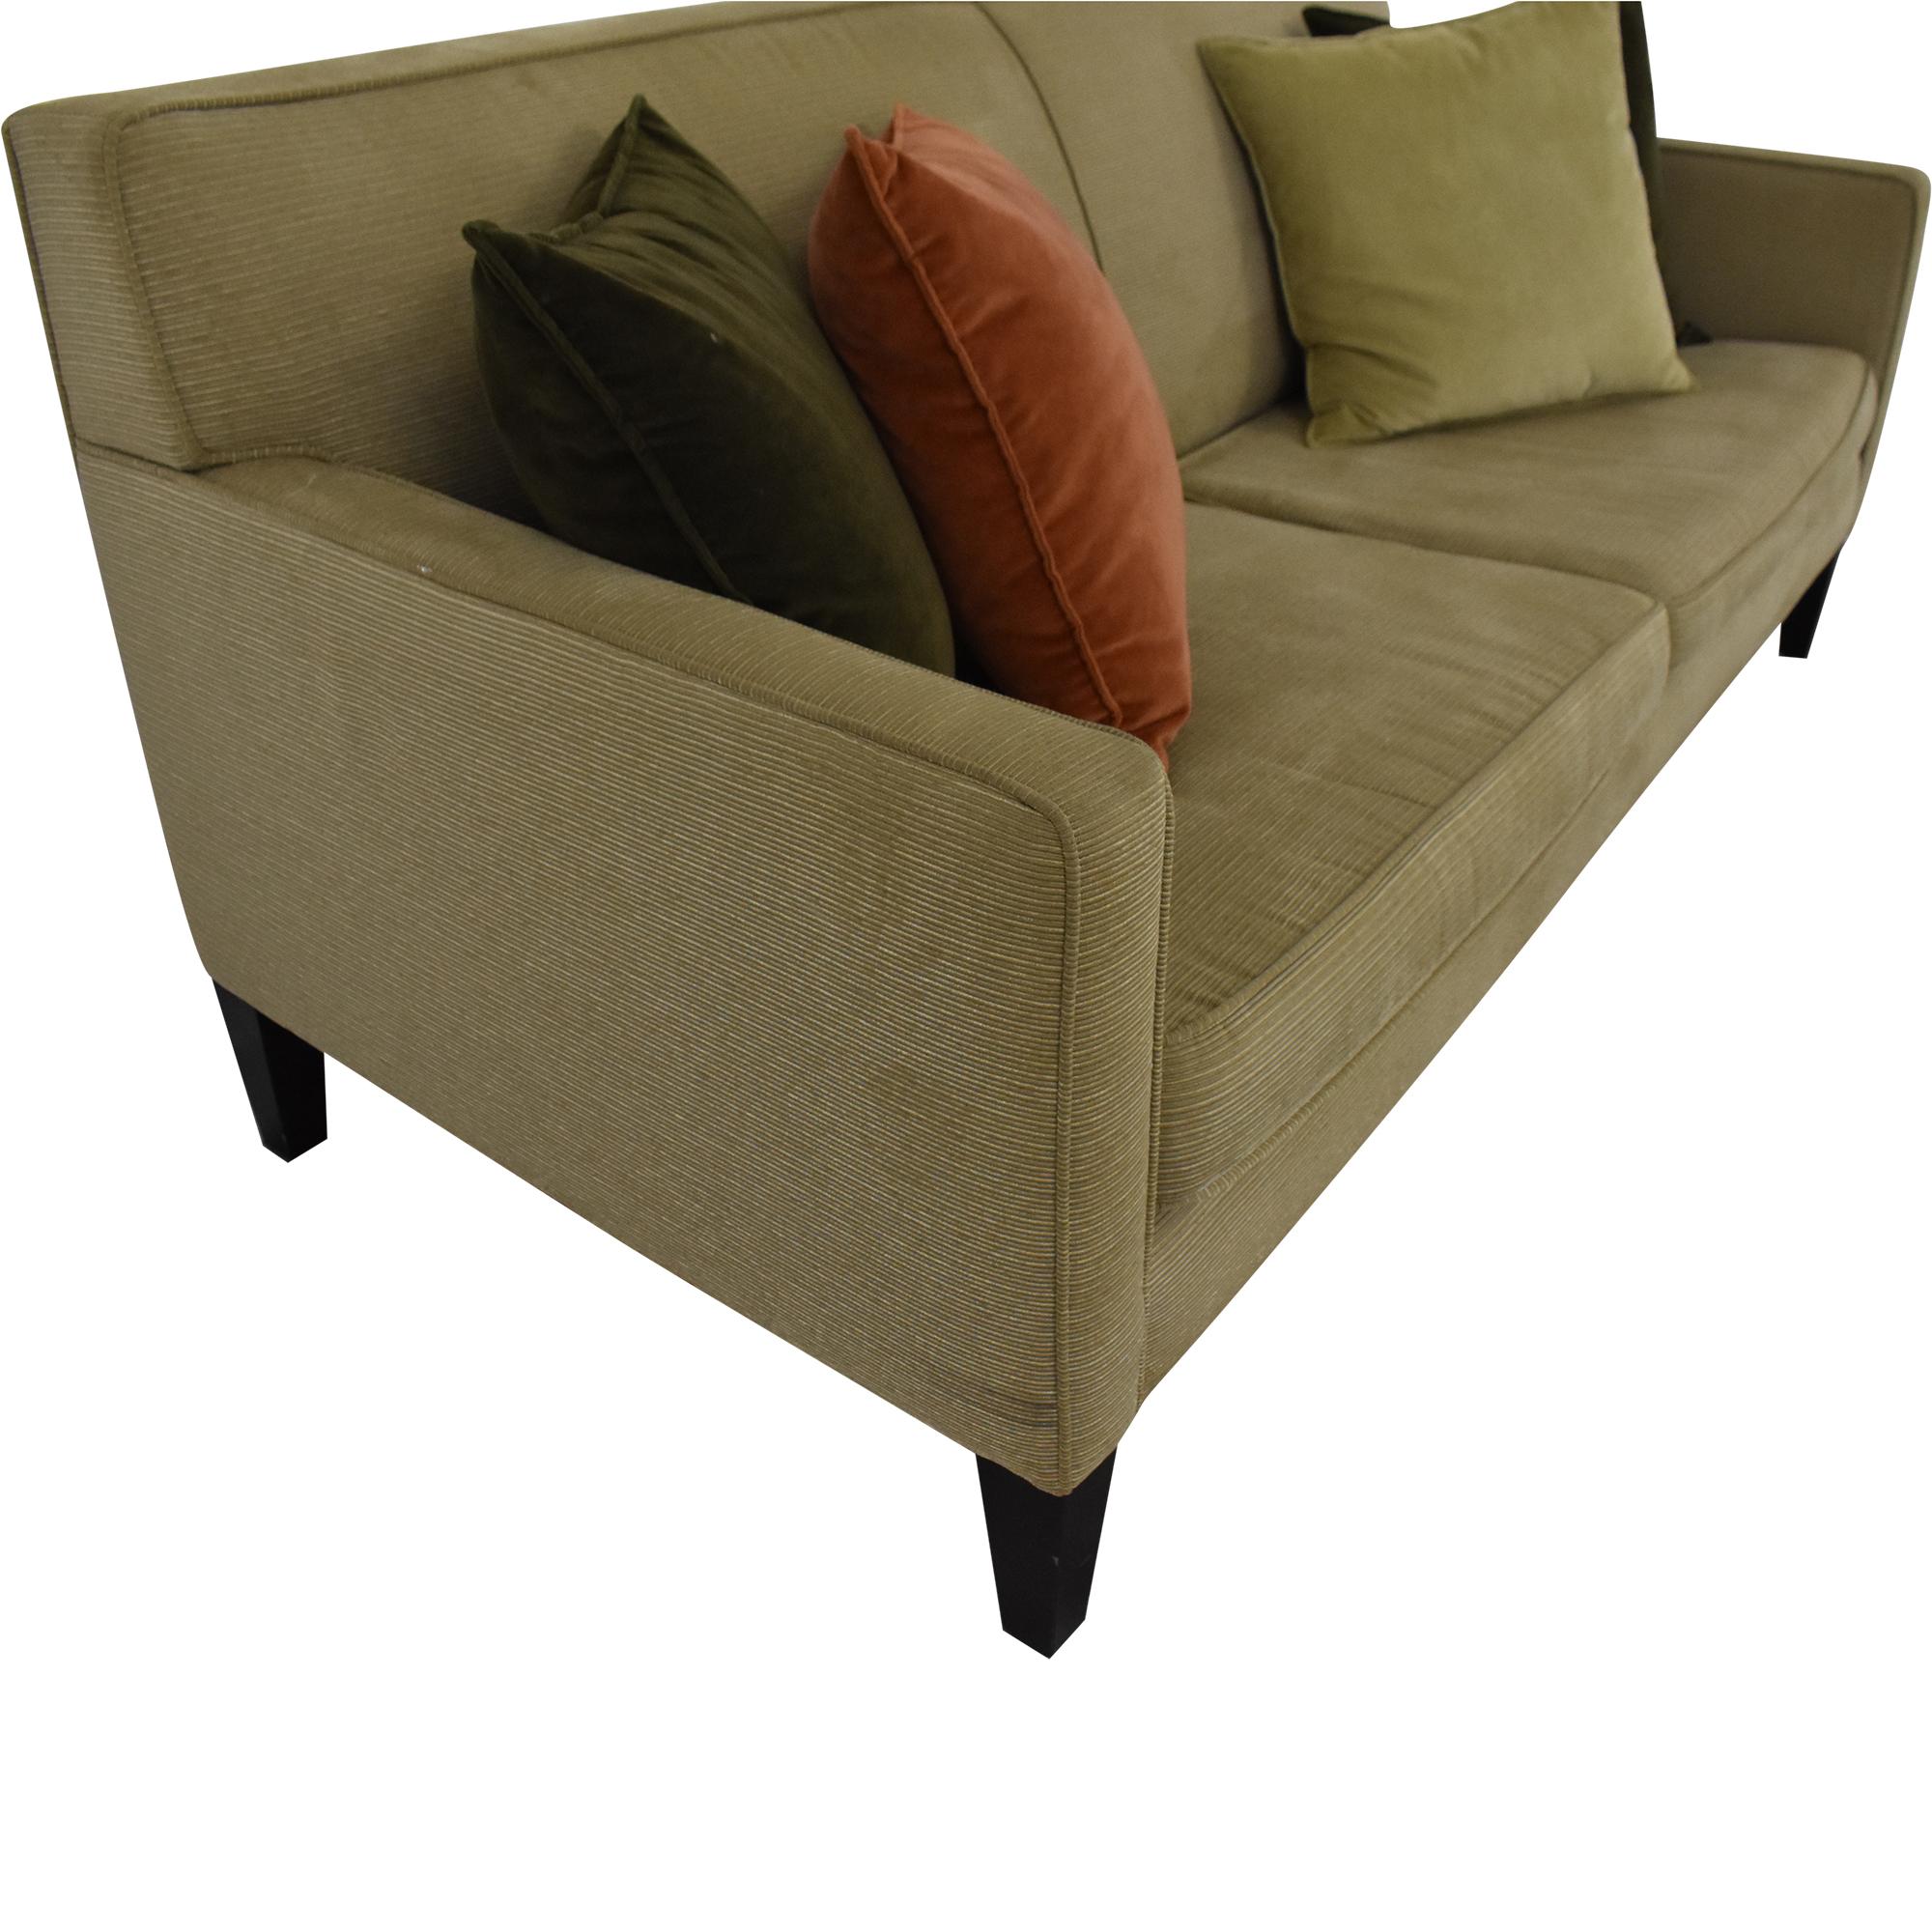 Crate & Barrel Crate & Barrel Sofa discount